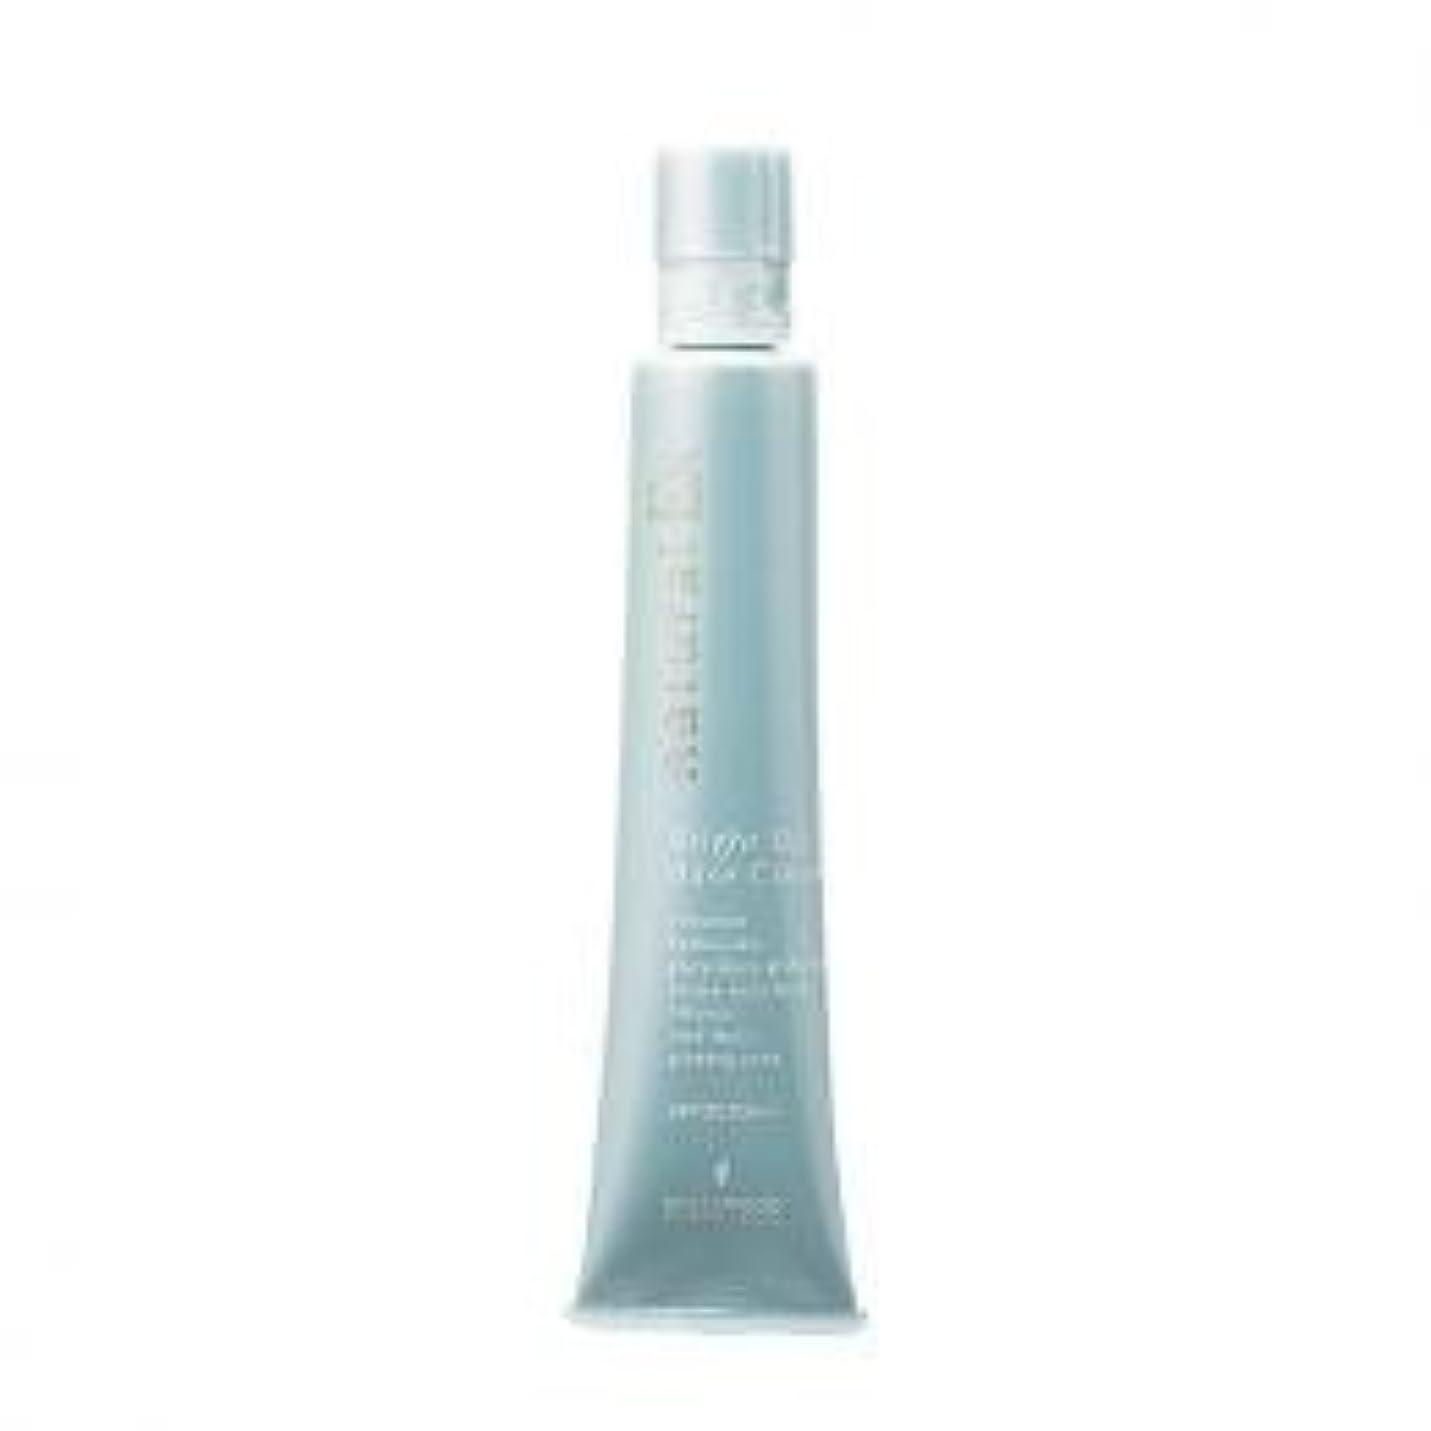 シャー危険な発症ハリウッド化粧品 ナチュラルEX ブライトアップ ベースクリーム h 35g SPF30 PA++